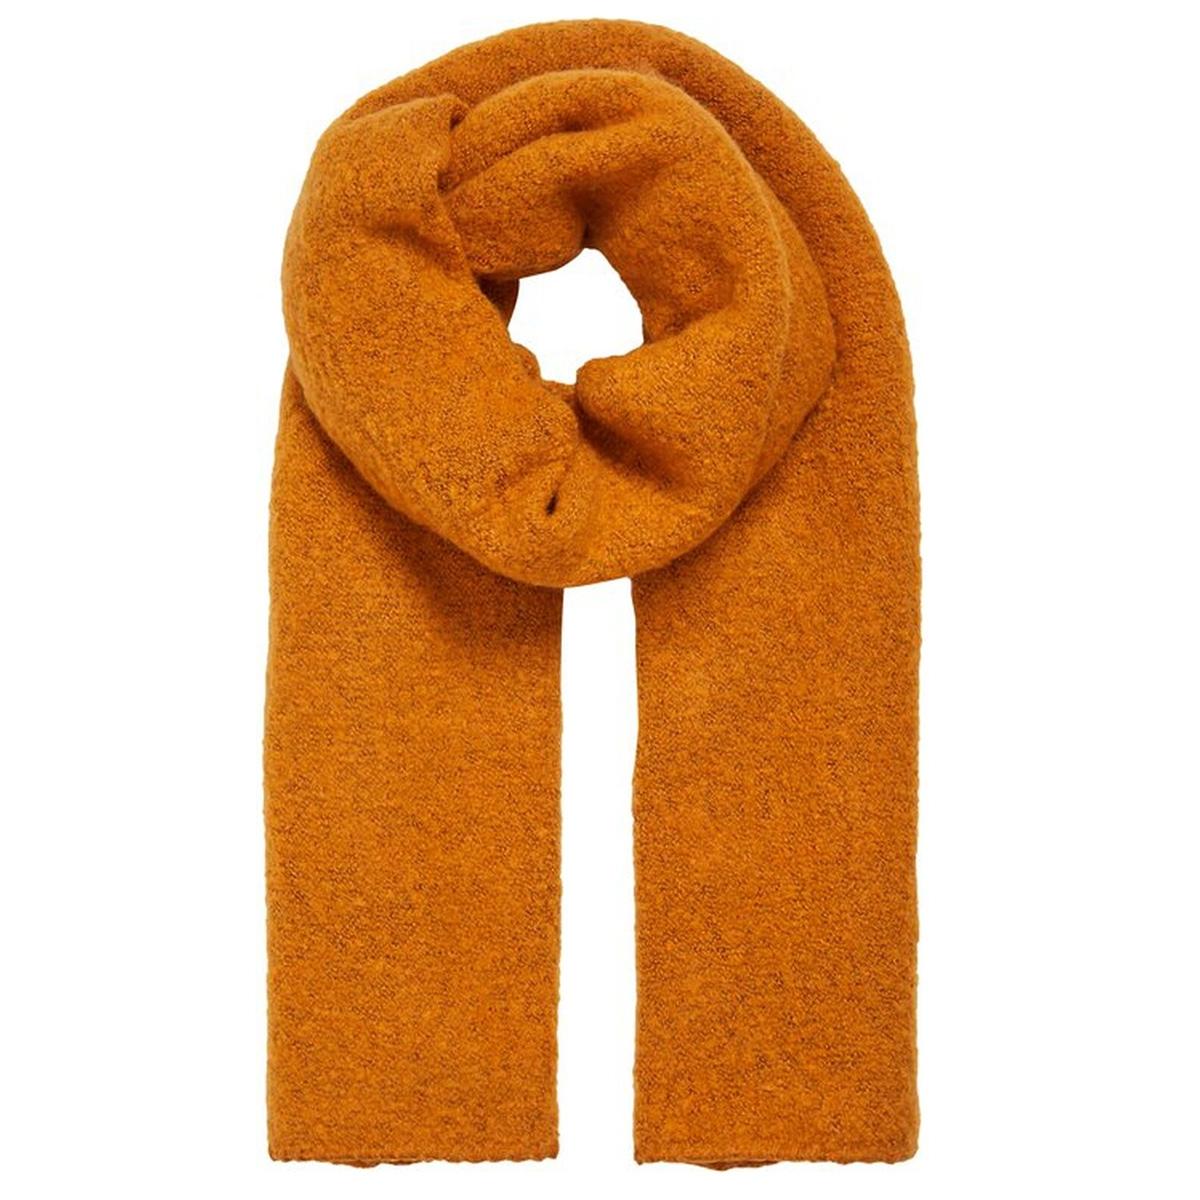 vitobi knit scarf-noos 14047111 vila sjaal golden oak